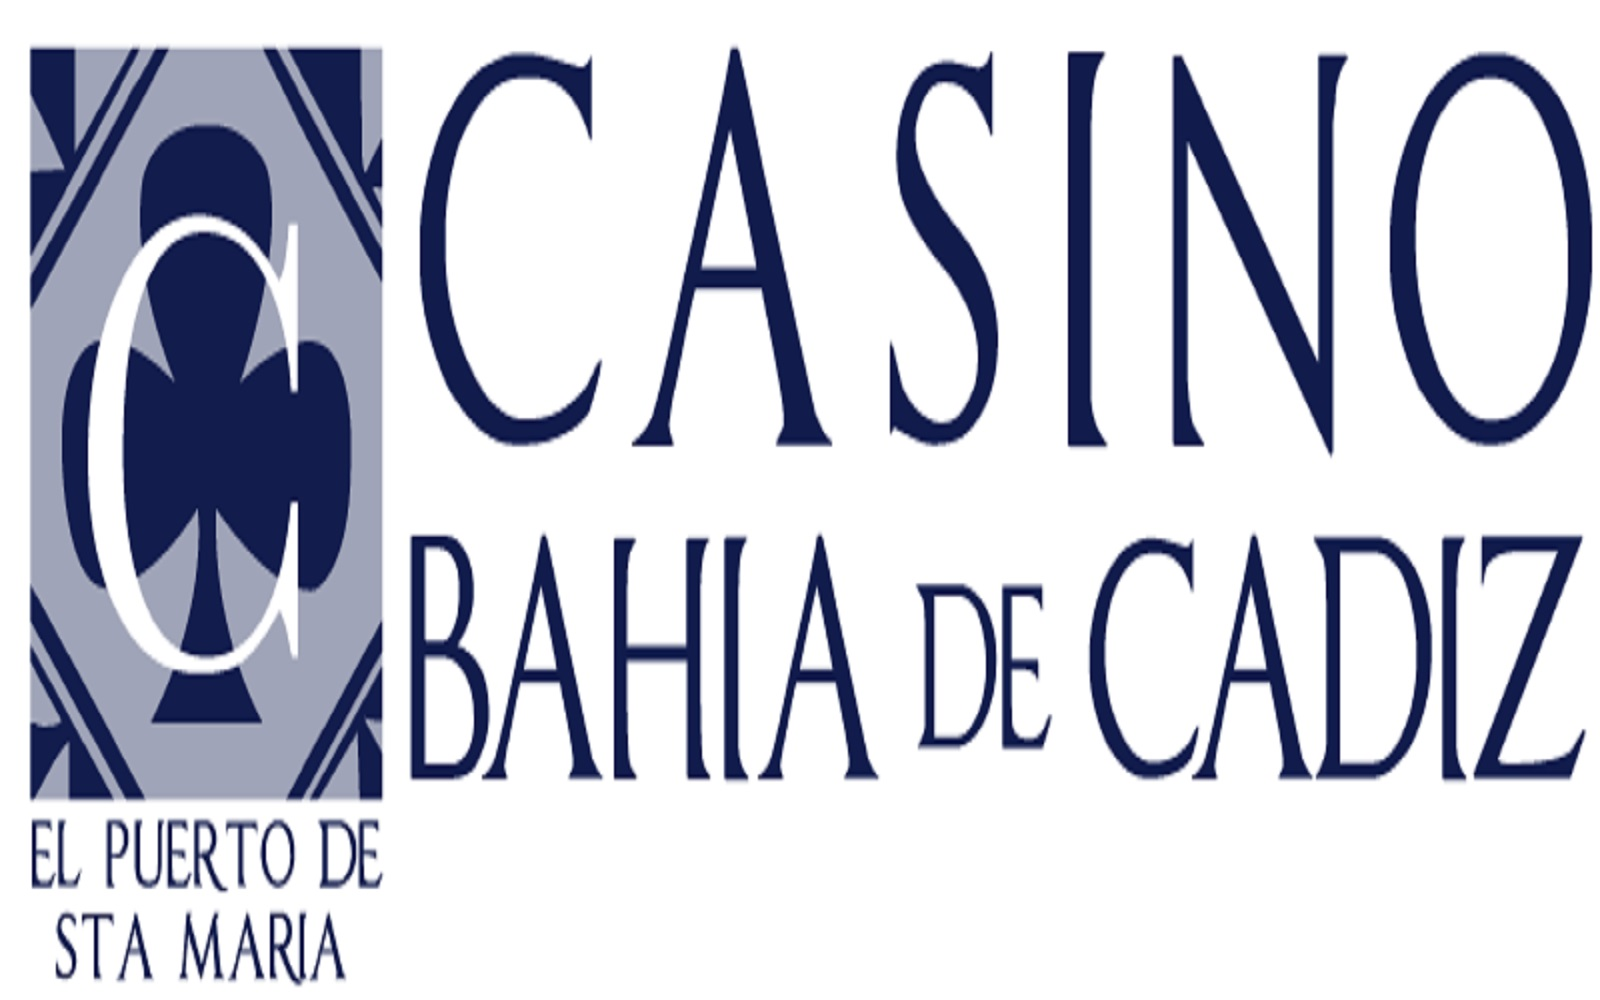 Bahia de Cadiz